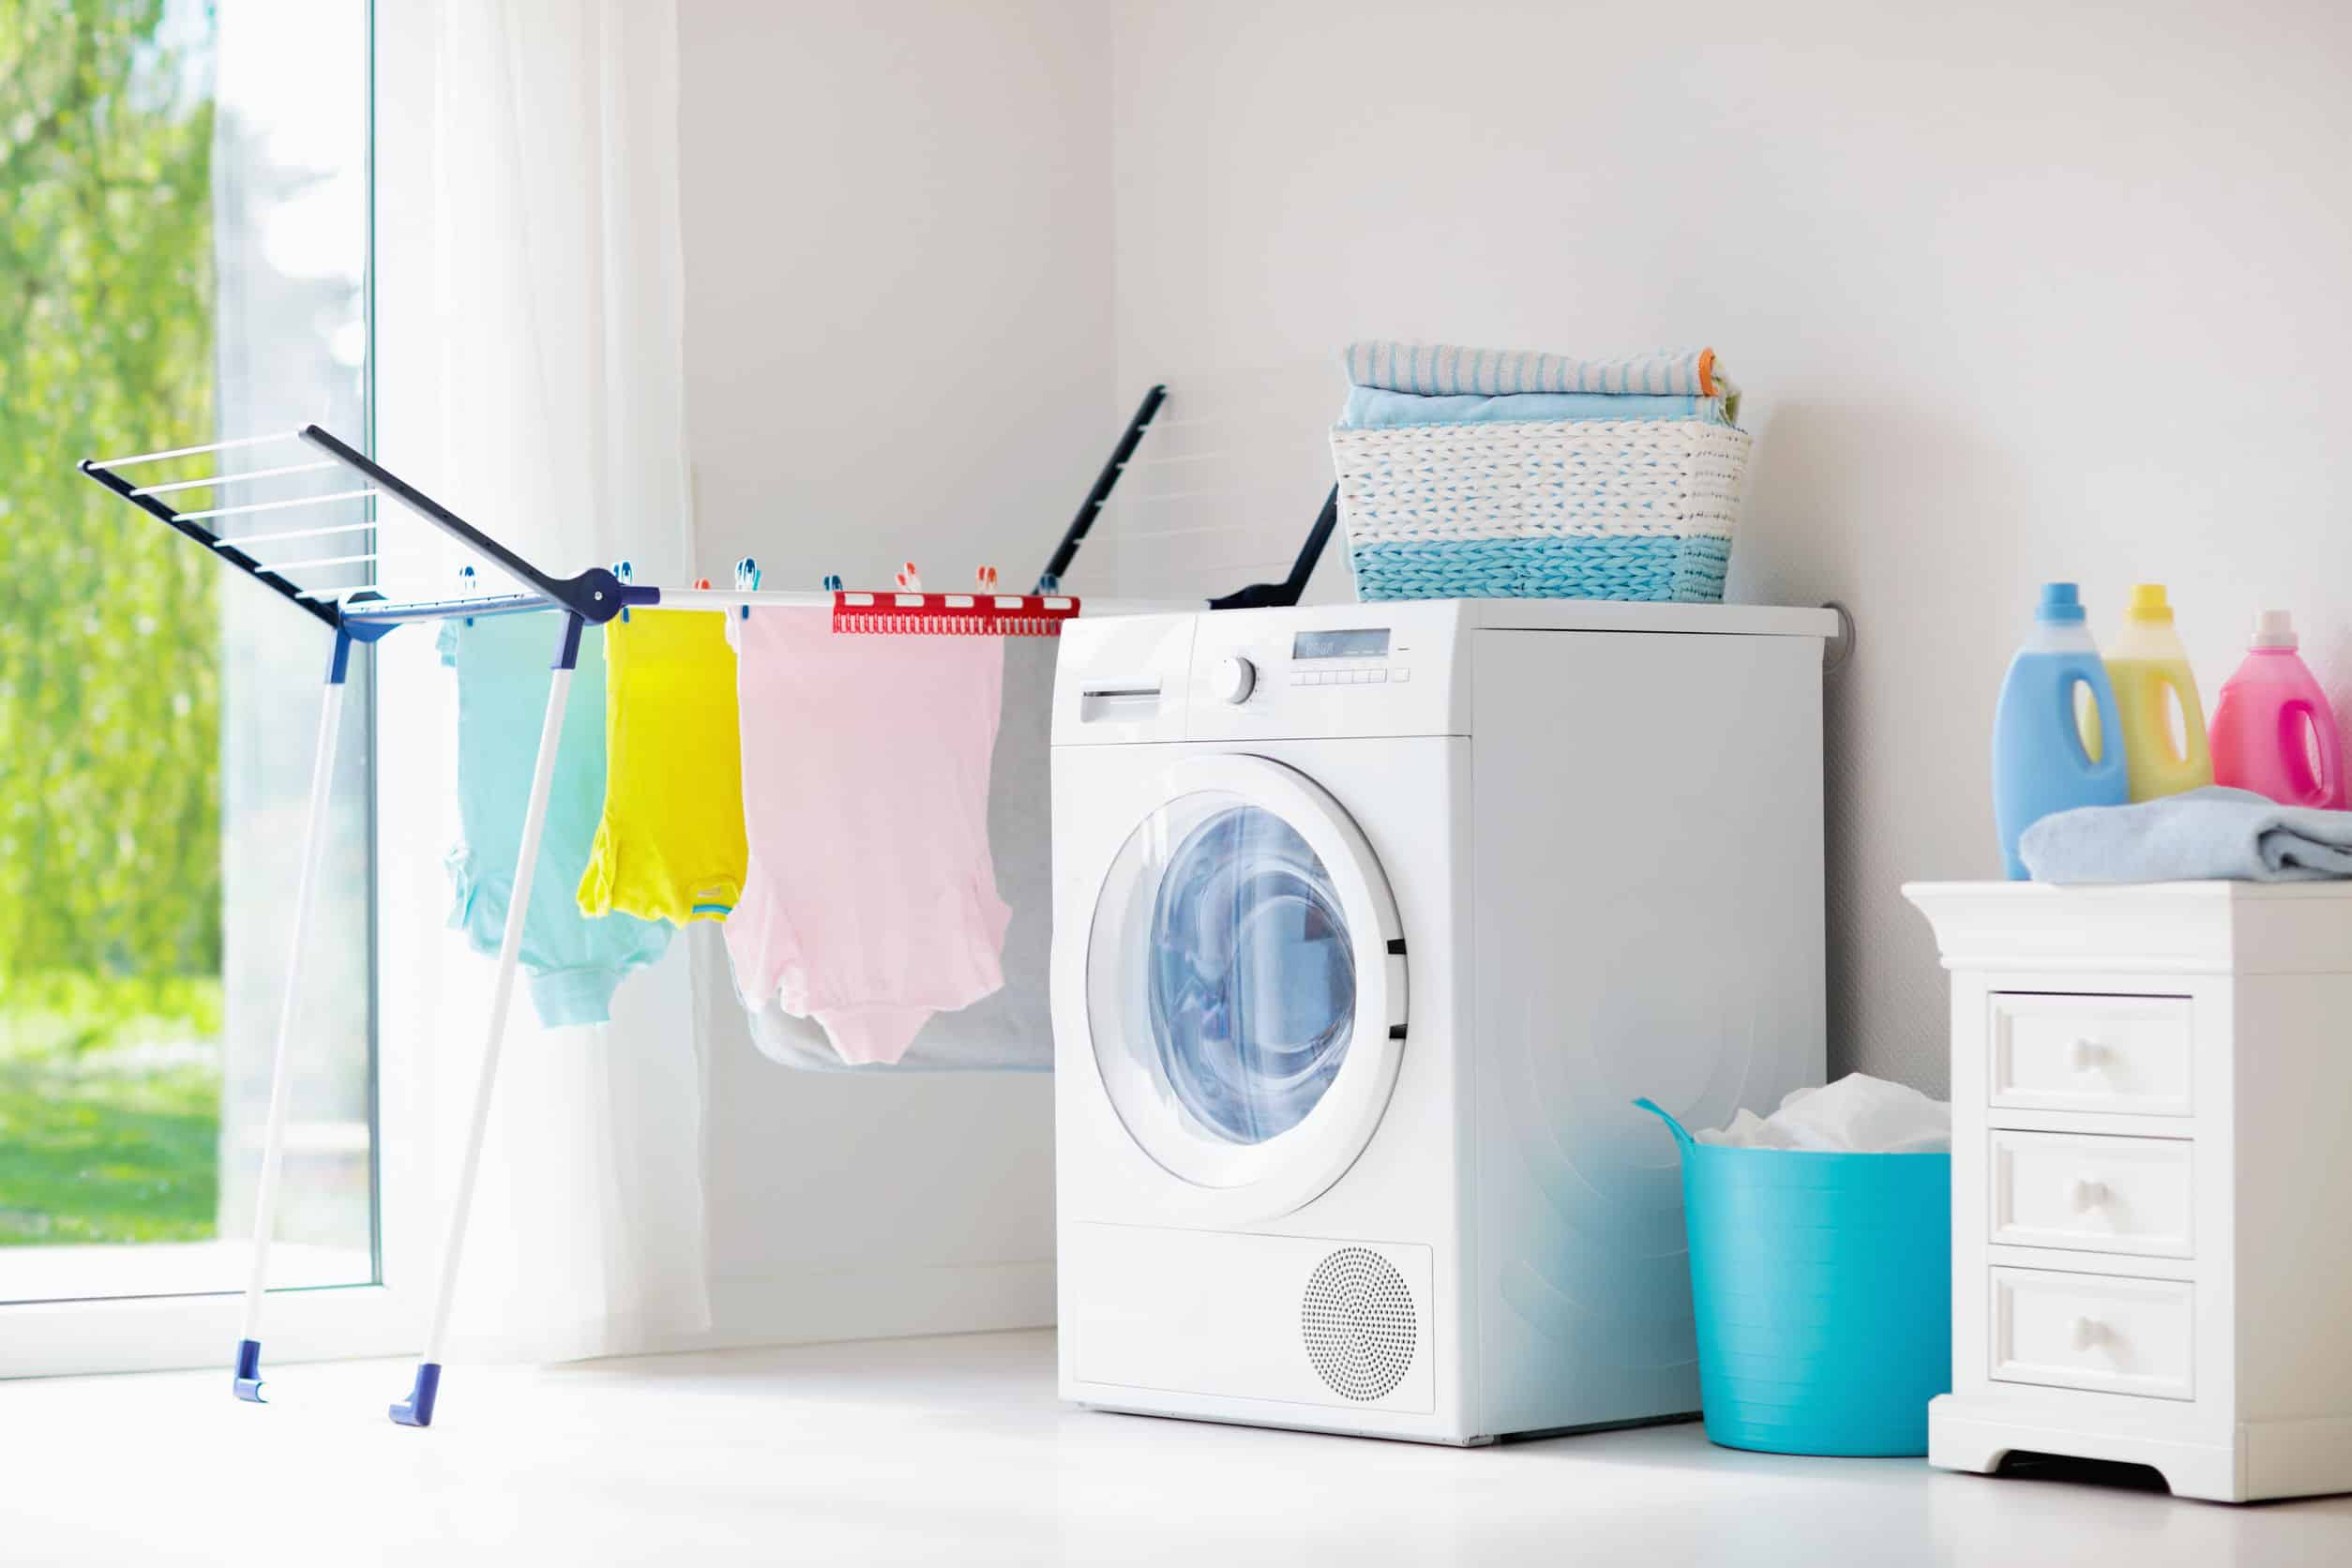 Wäscheständer: Test & Empfehlungen (01/21)